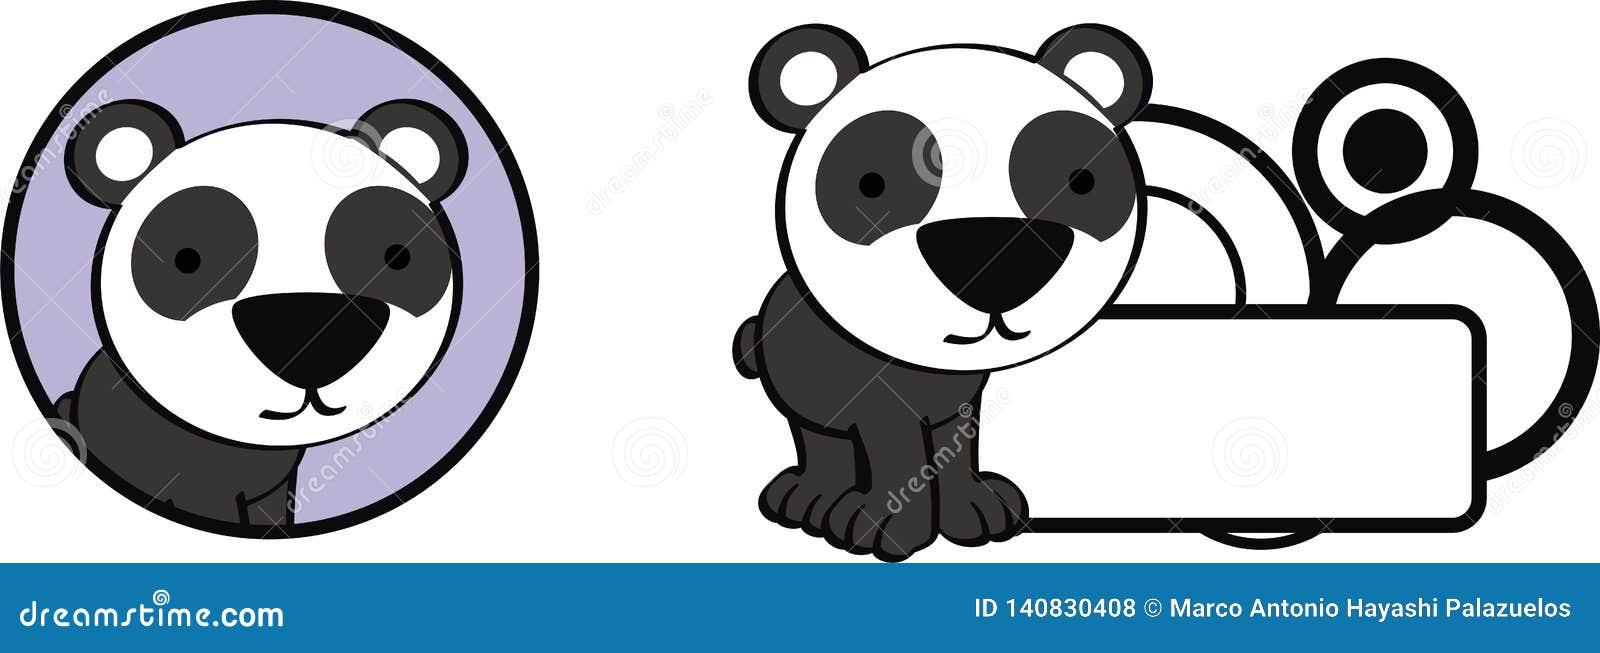 Λίγο panda μωρών αντέχει το σύνολο αυτοκόλλητων ετικεττών κινούμενων σχεδίων kawaii